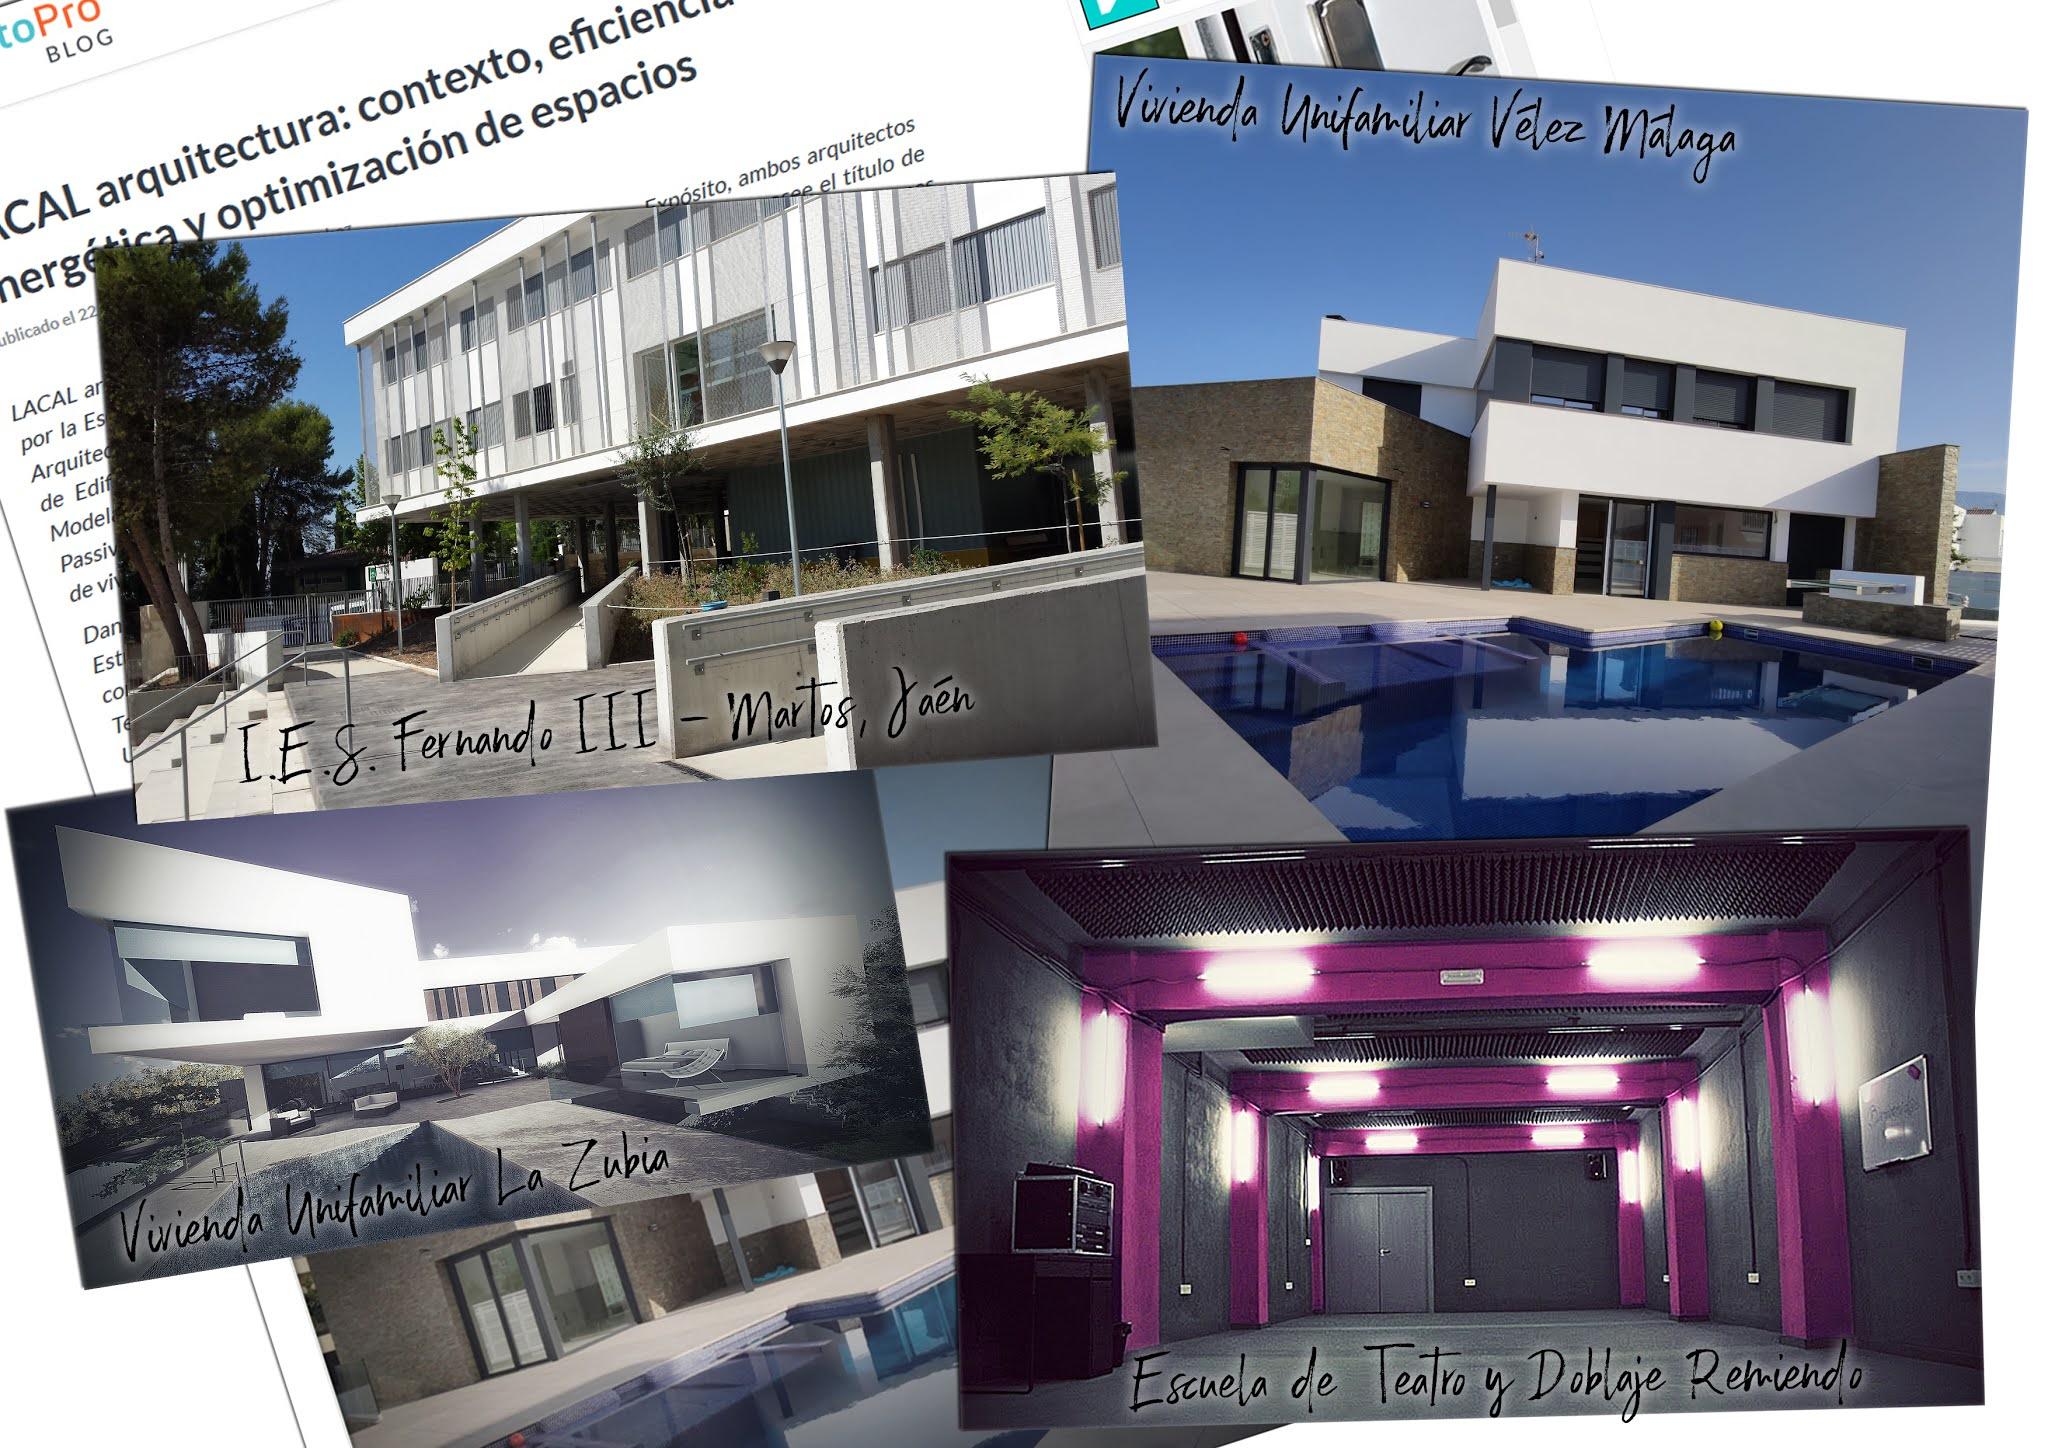 Arquitectos Granada. LACAL arquitectura. Javier Antonio Ros López, arquitecto. Daniel Cano Expósito, arquitecto. Entrevista ProntoPro LACAL arquitectura